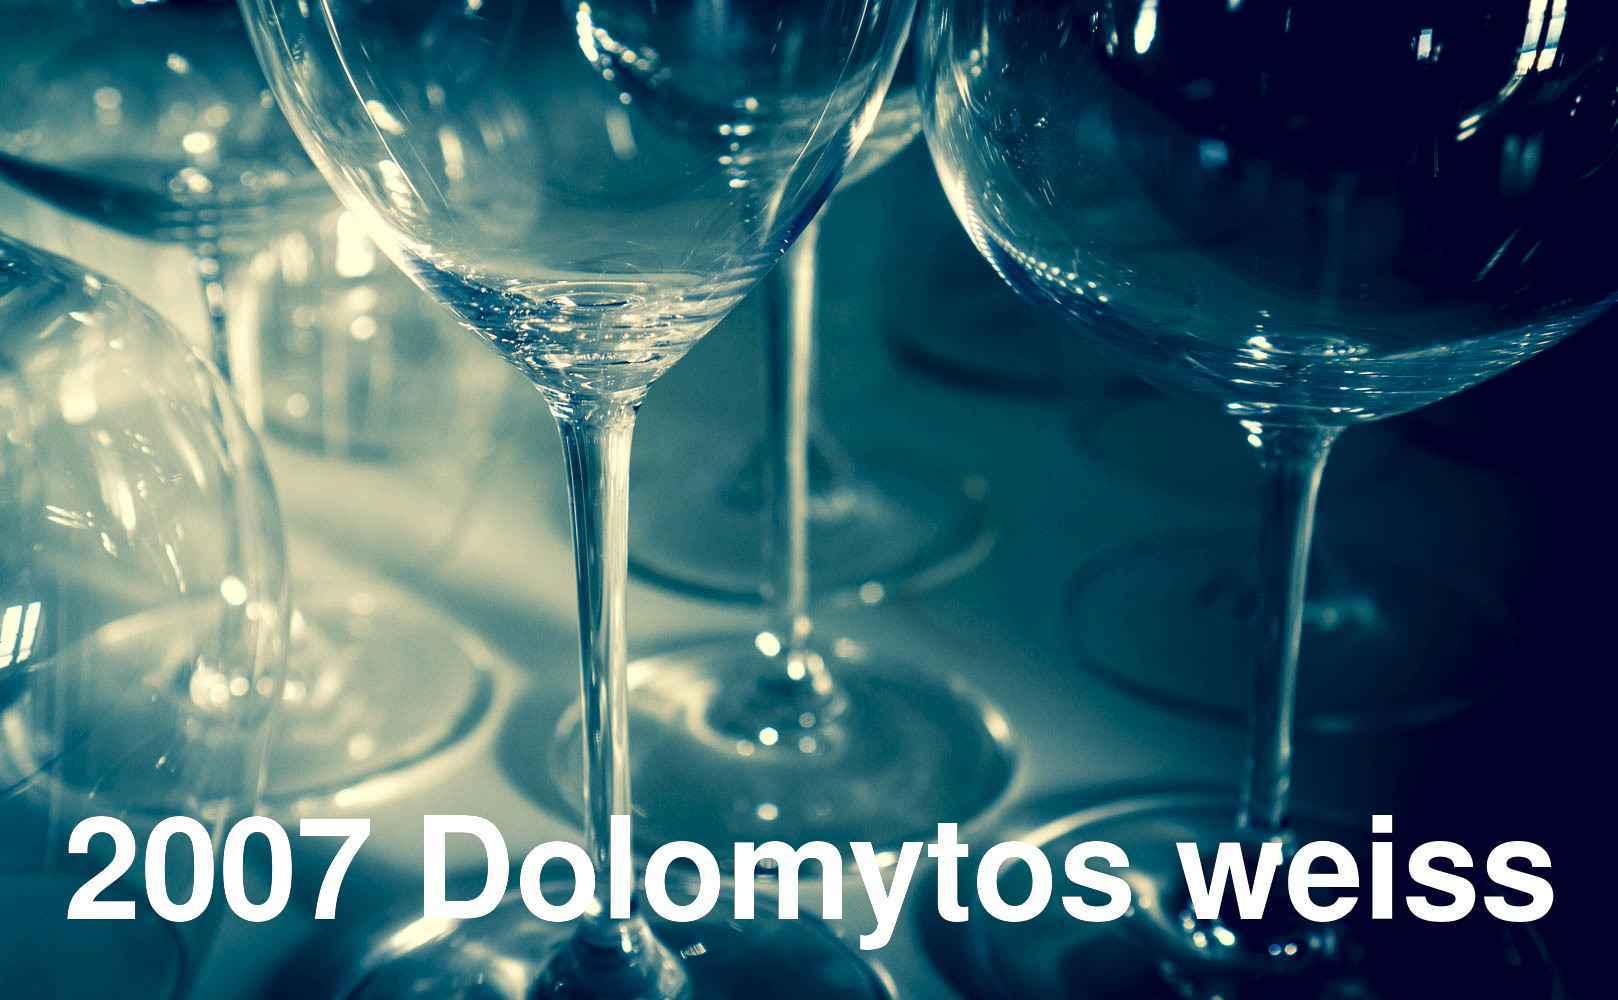 Go to 2007 Dolomytos weiss von Ansitz Dolomytos Sacker aus Südtirol, Italien